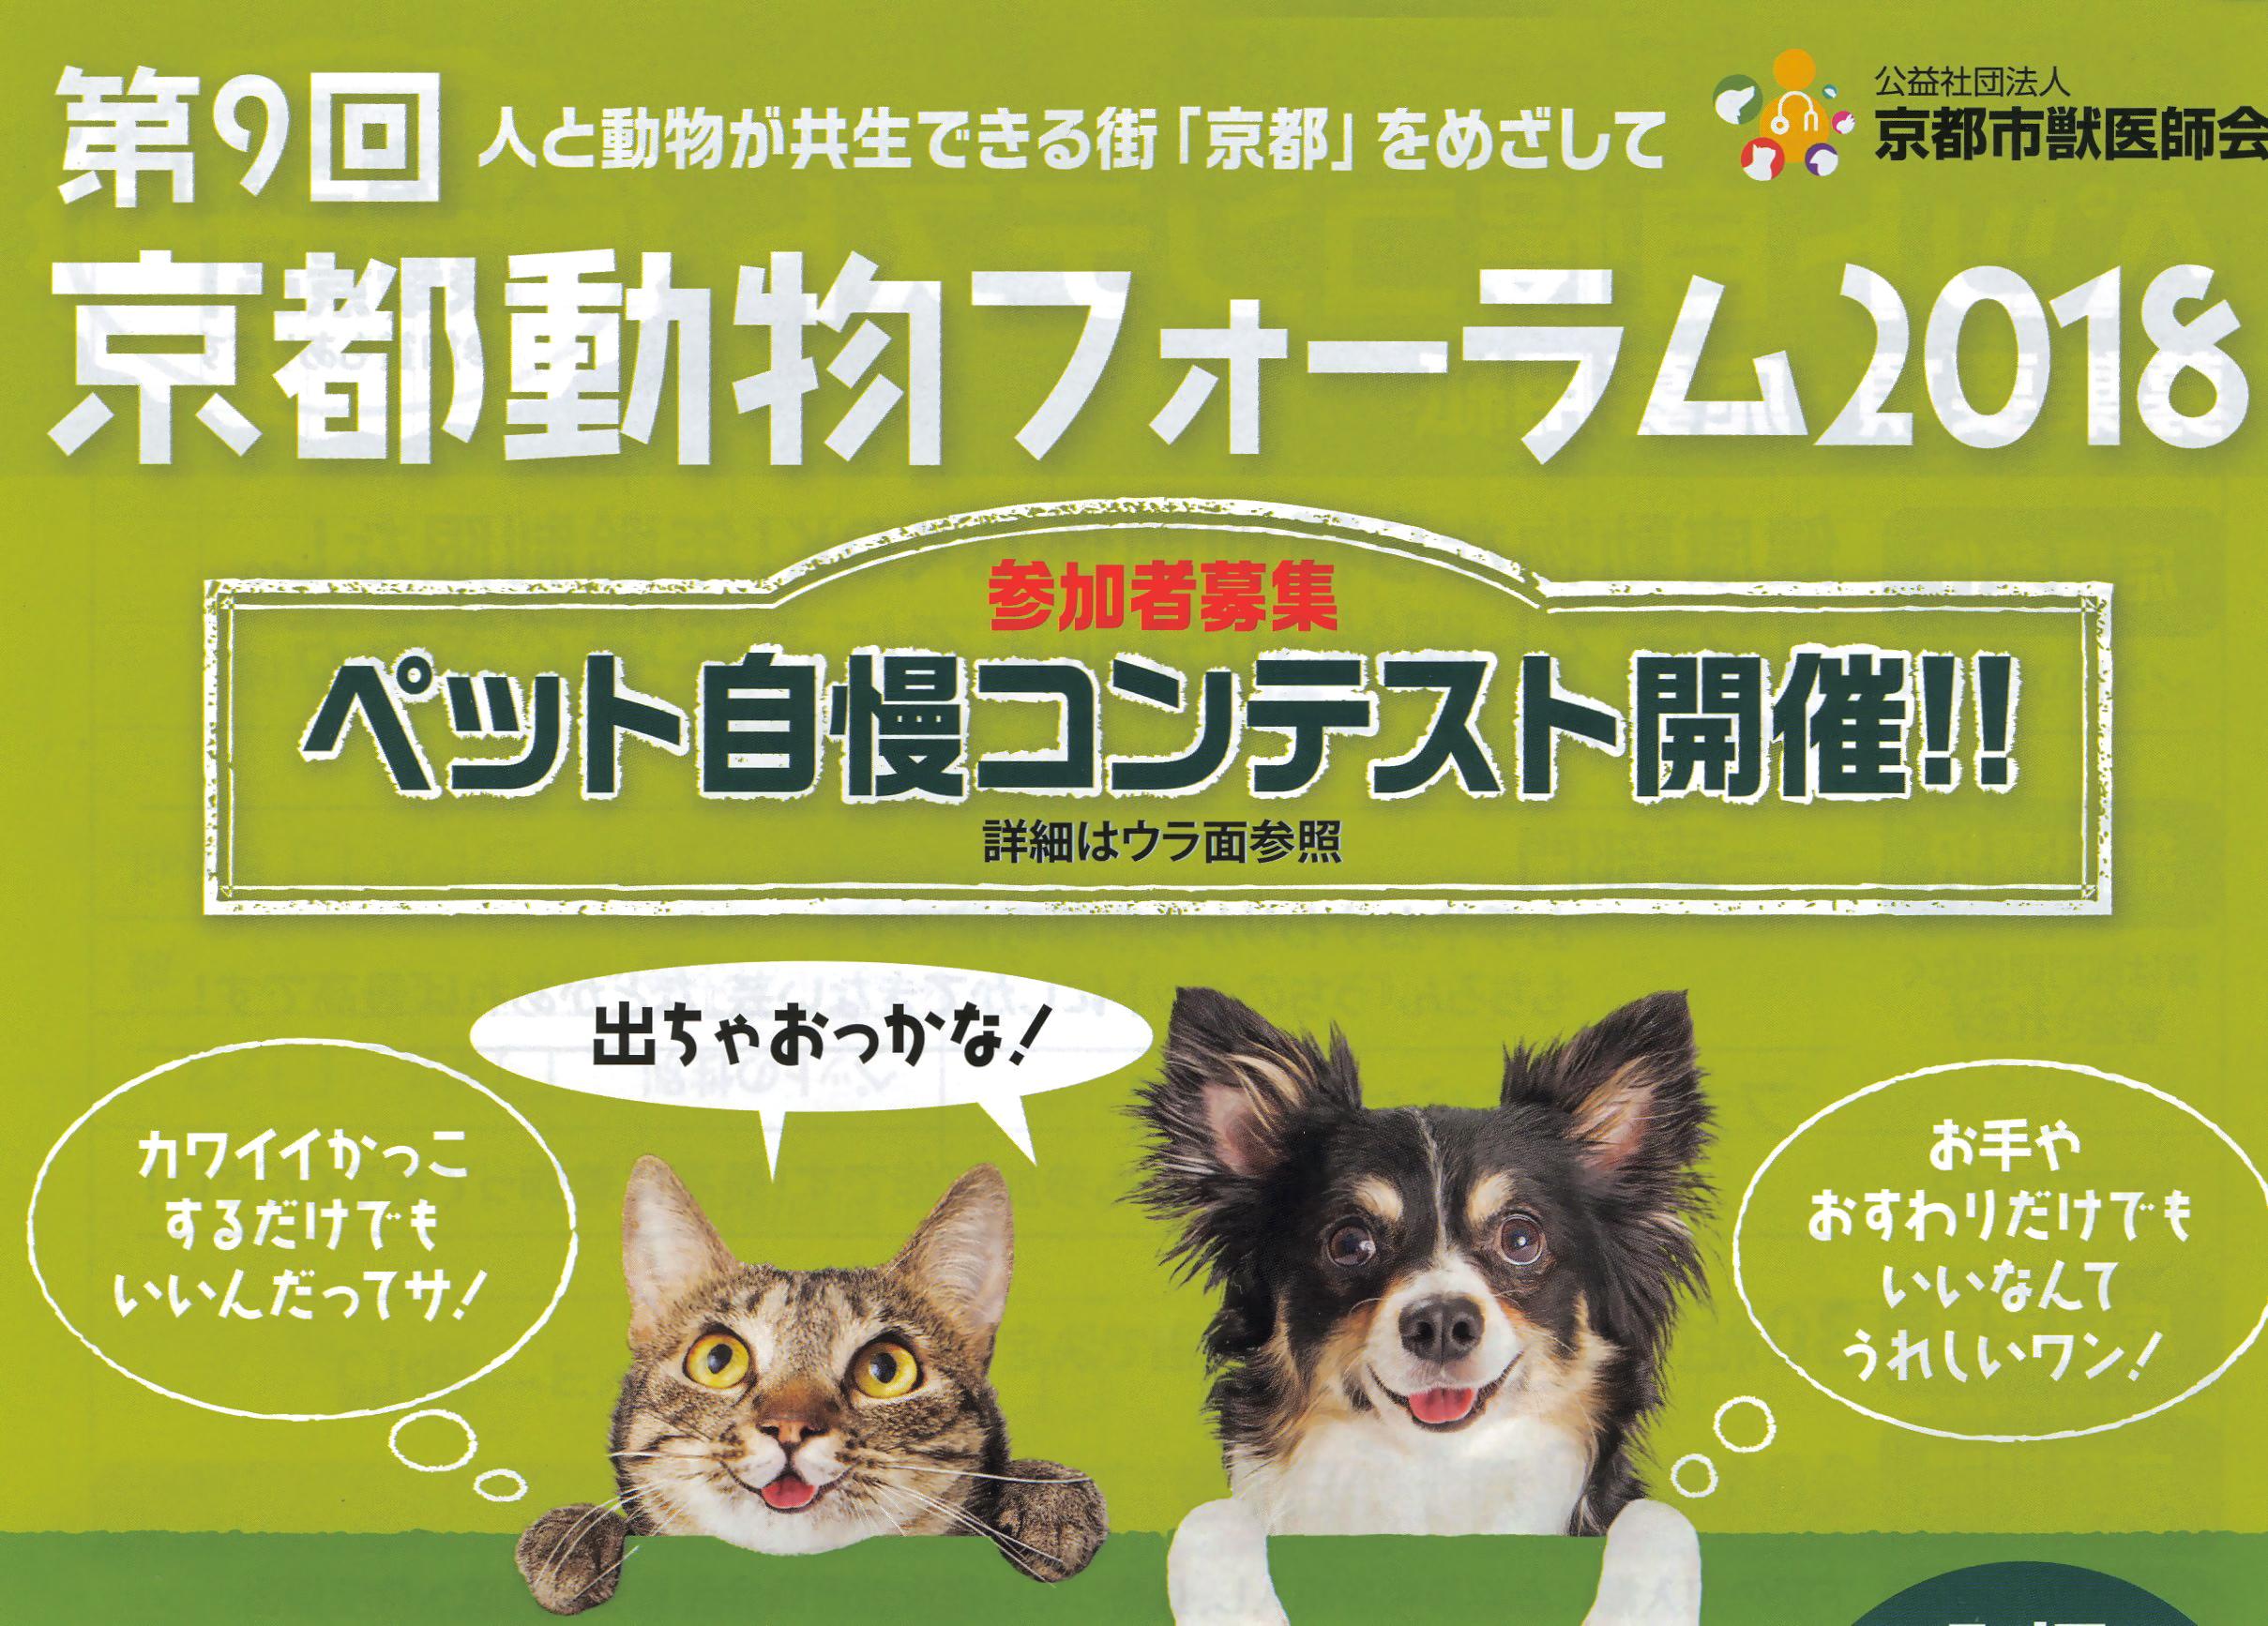 第9回 京都動物ファーラム2018  のお知らせ